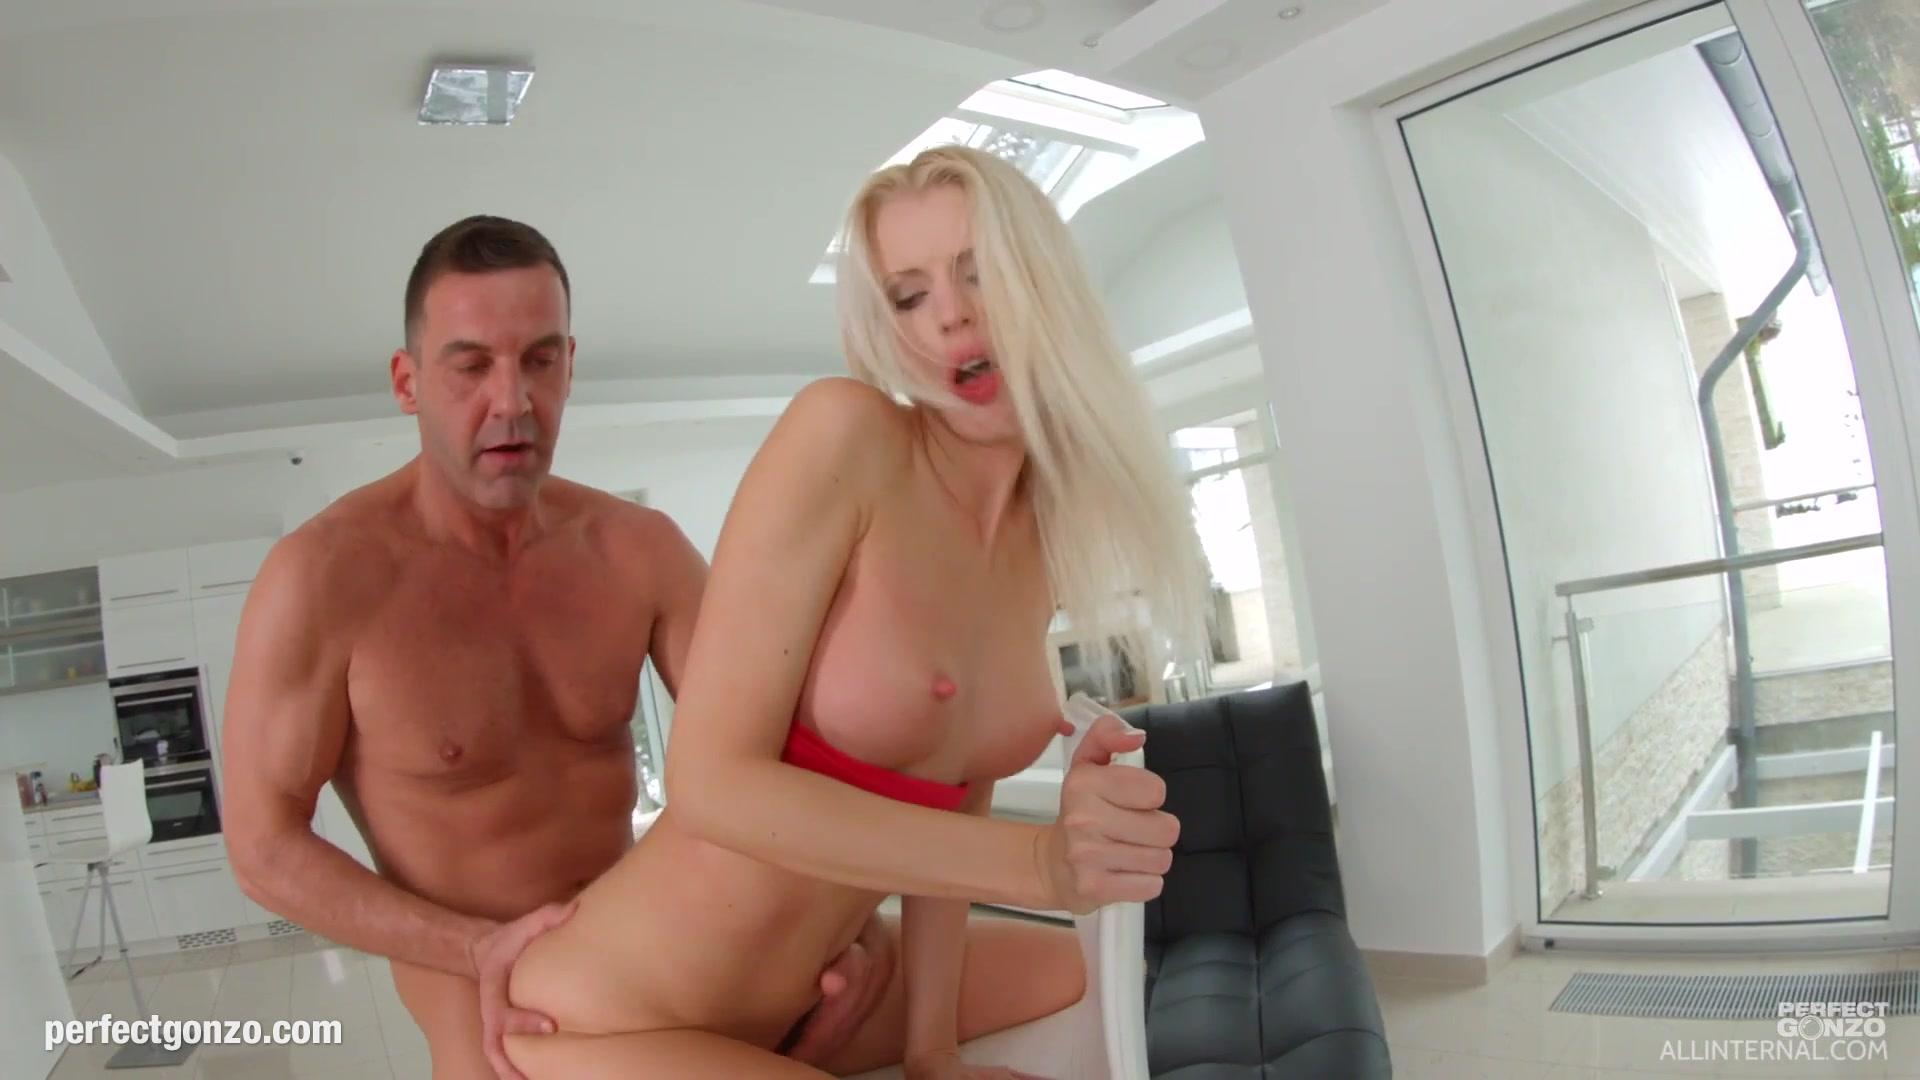 Monique fuentes anal porn Sex photo